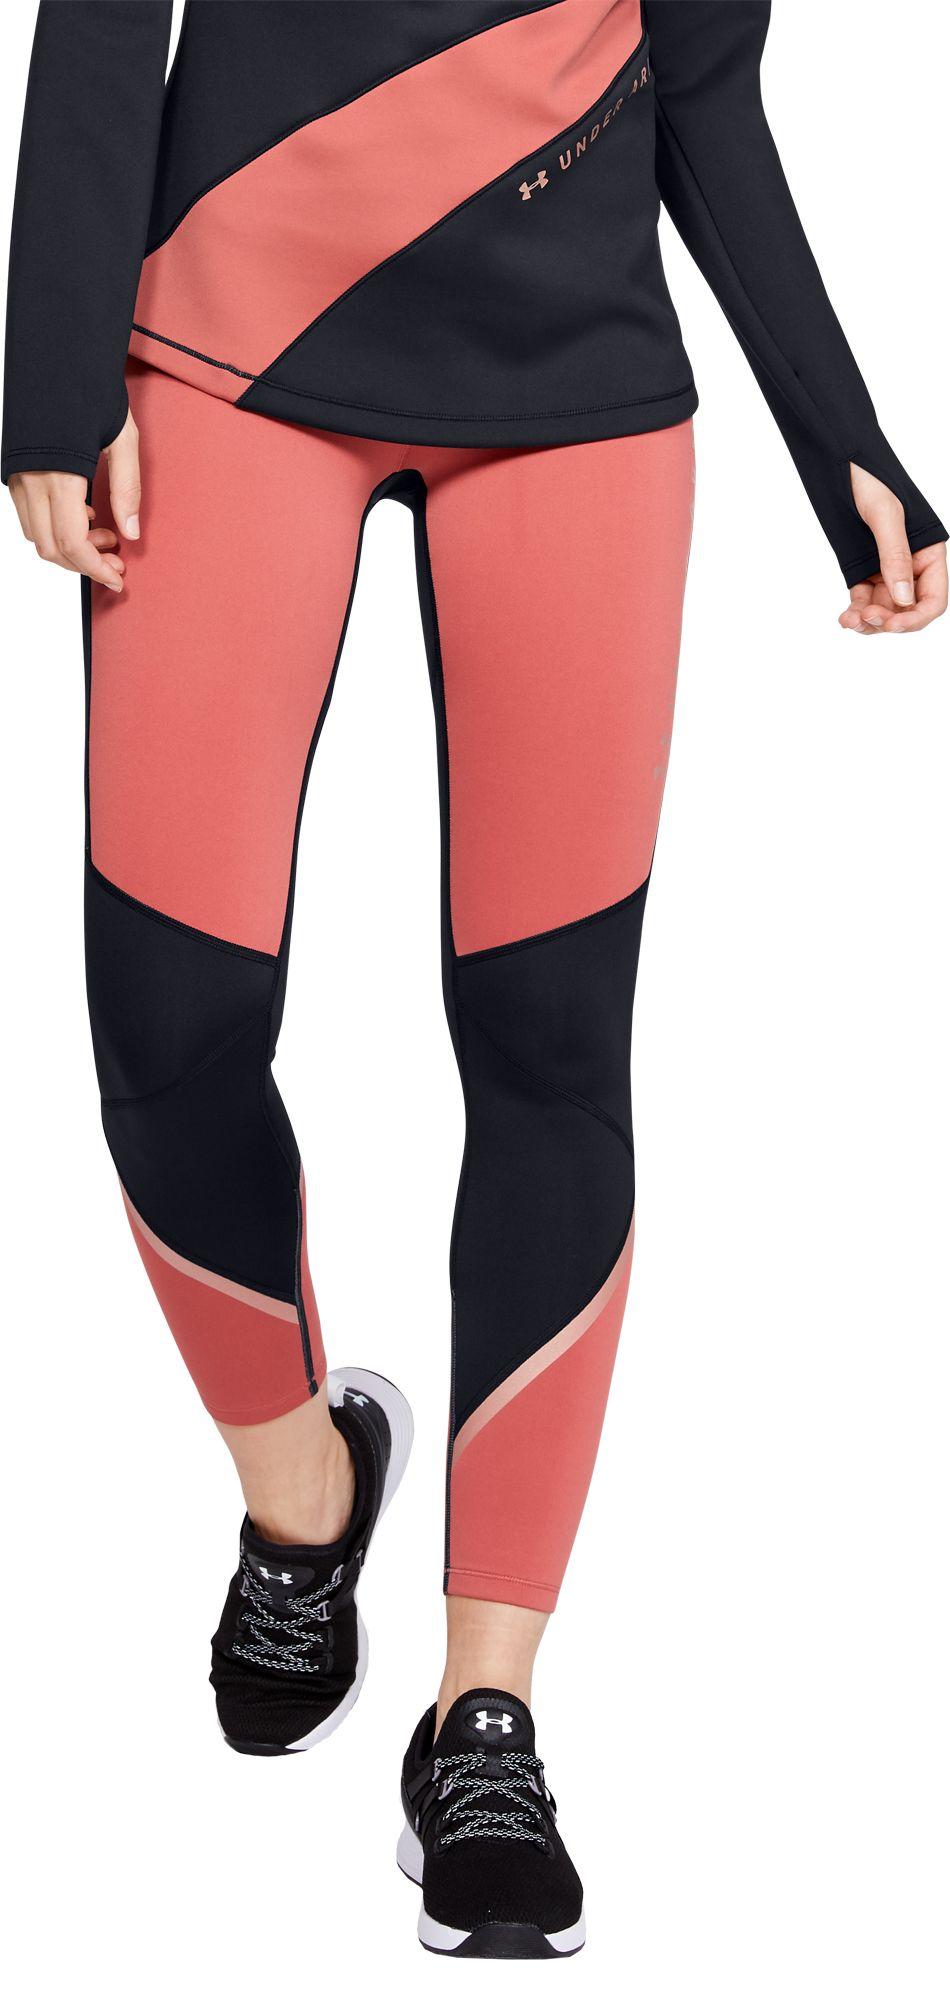 Under Armour Women's ColdGear Armour Graphic Leggings, XS, Fractal Pink/Black